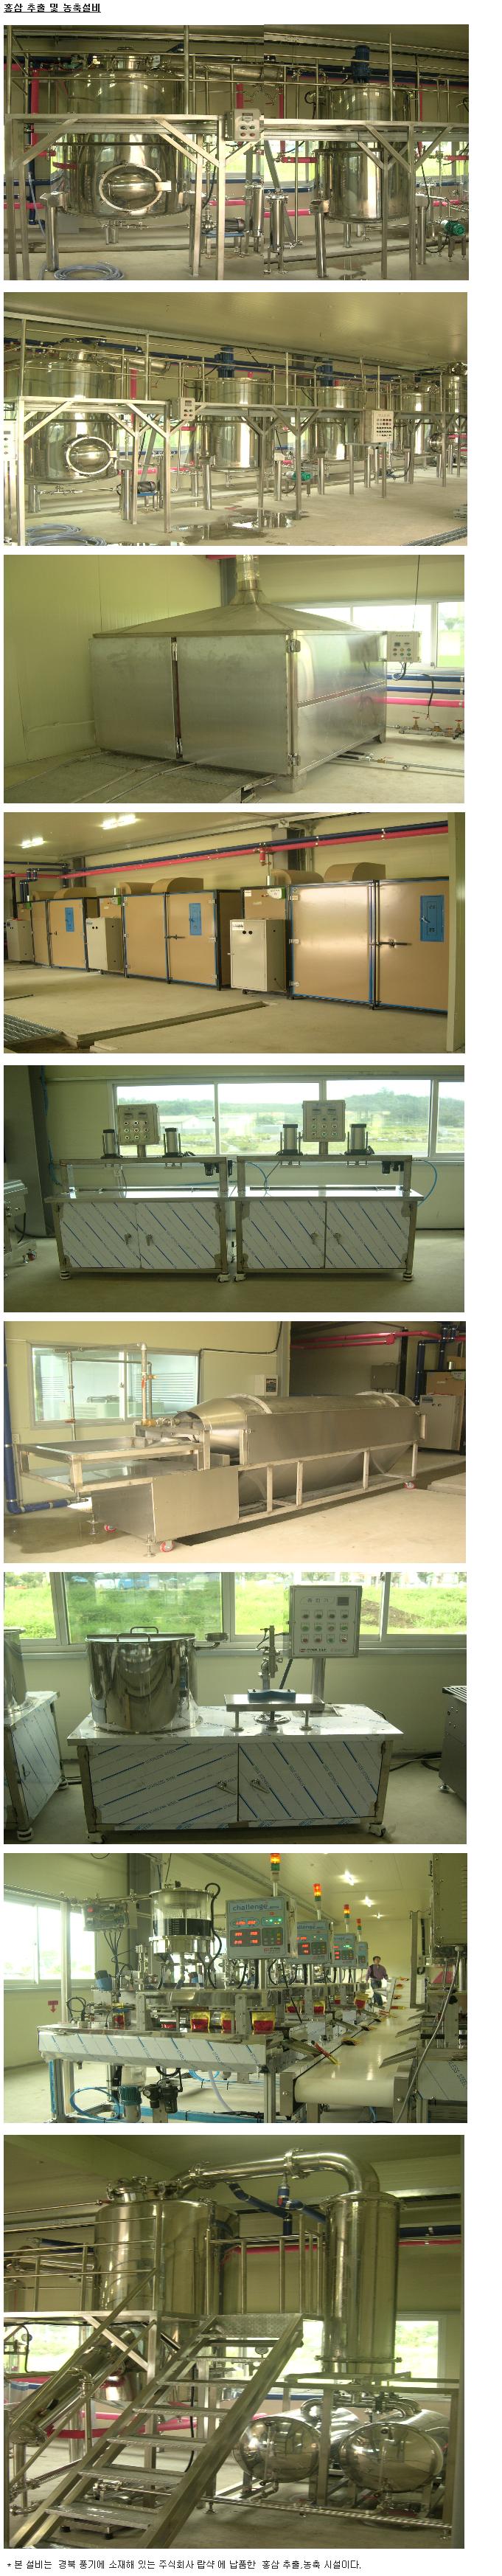 (주)대린기계 홍삼 추출, 농축 라인 DR-0000